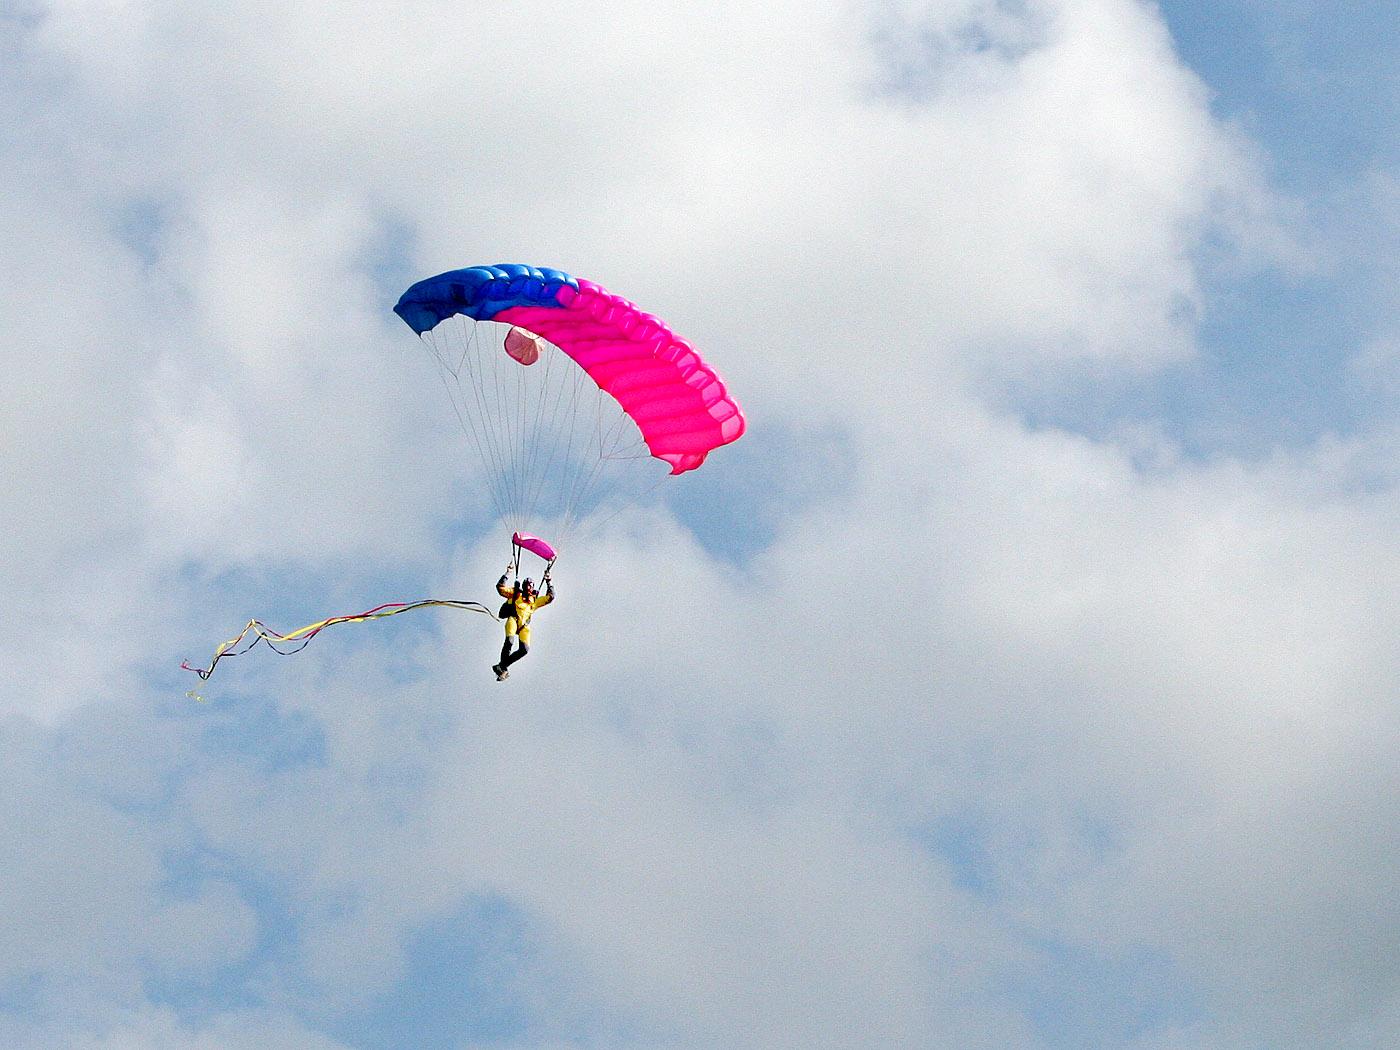 Fallschirmspringer Hintergrundbilder Kostenlos